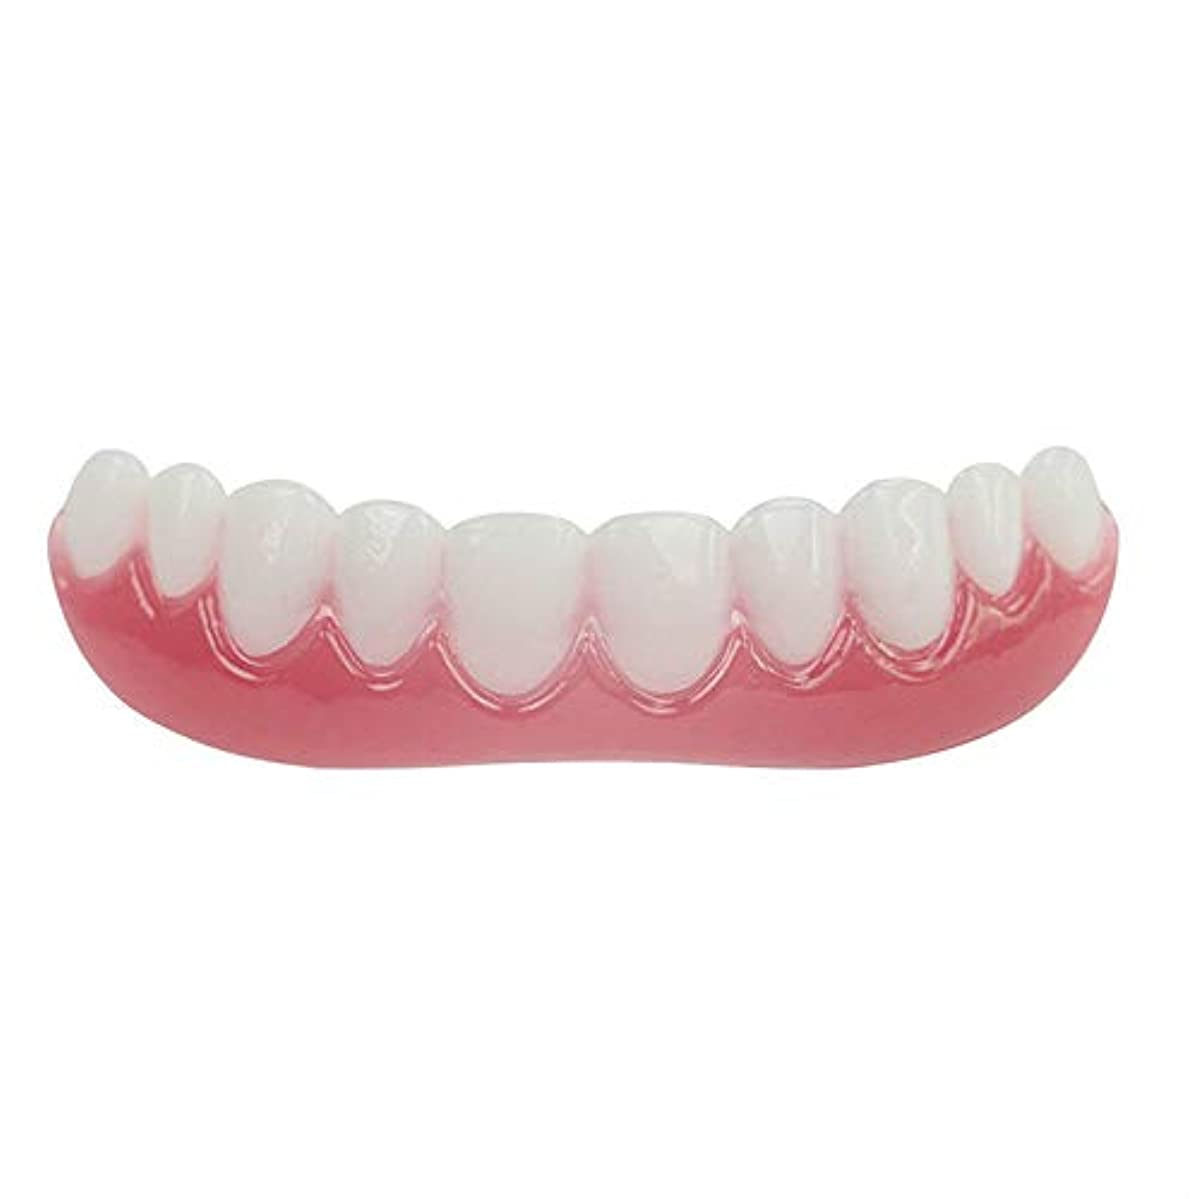 建物出しますぐるぐるシリコーンシミュレーション義歯、歯科用ベニヤホワイトトゥースセット(3個),Colorbox,Lower